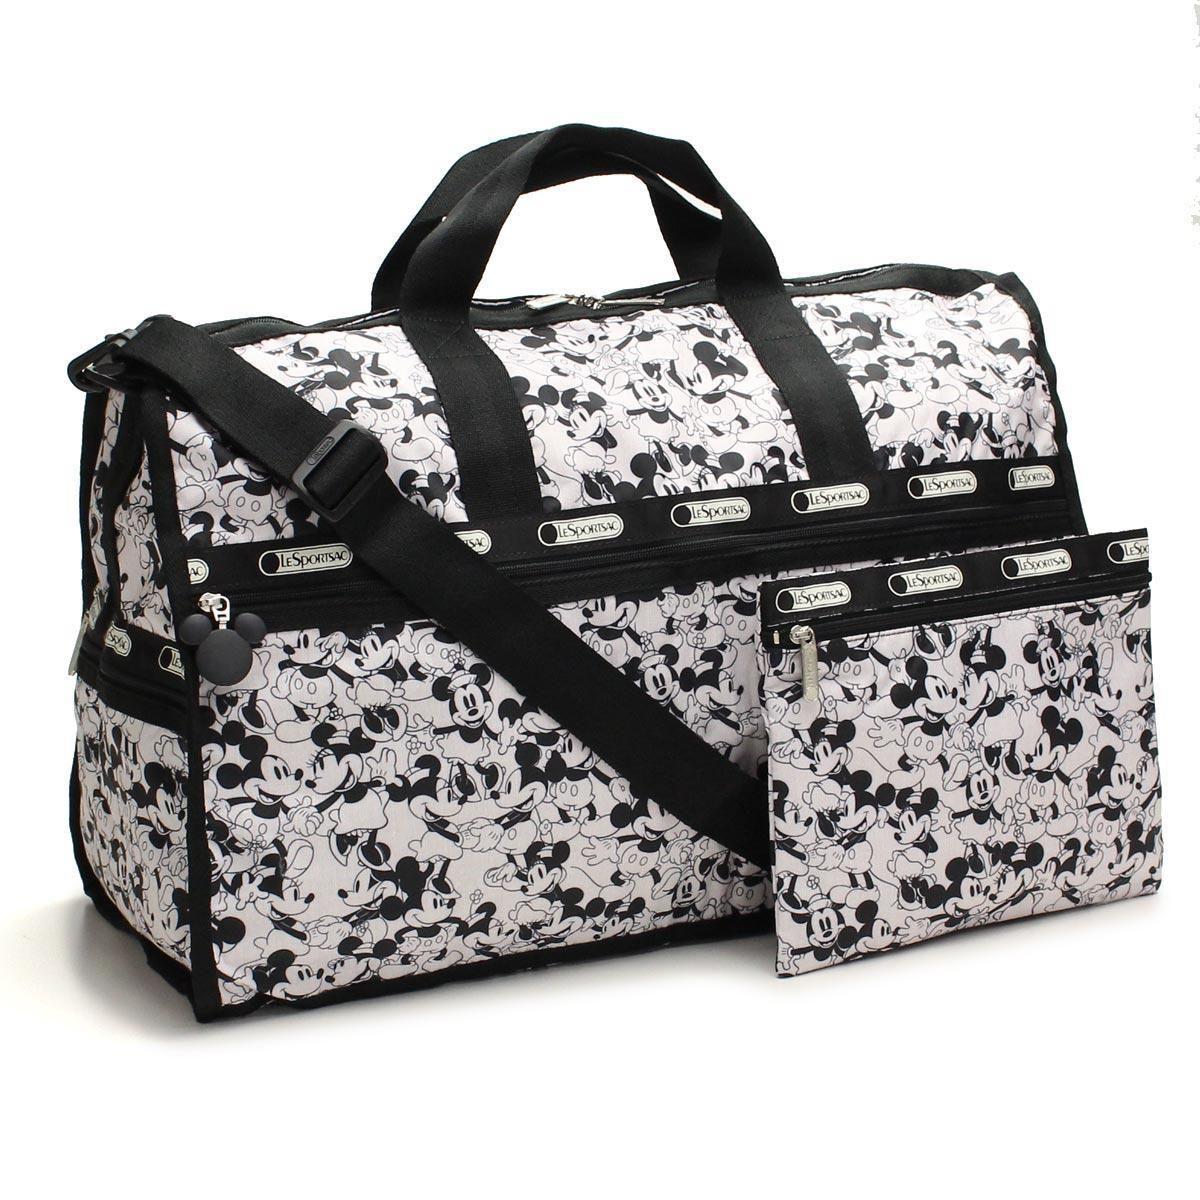 レスポートサック (Le Sport sac) Large Weekender ボストンバッグ7185 P928ブラックホワイト系